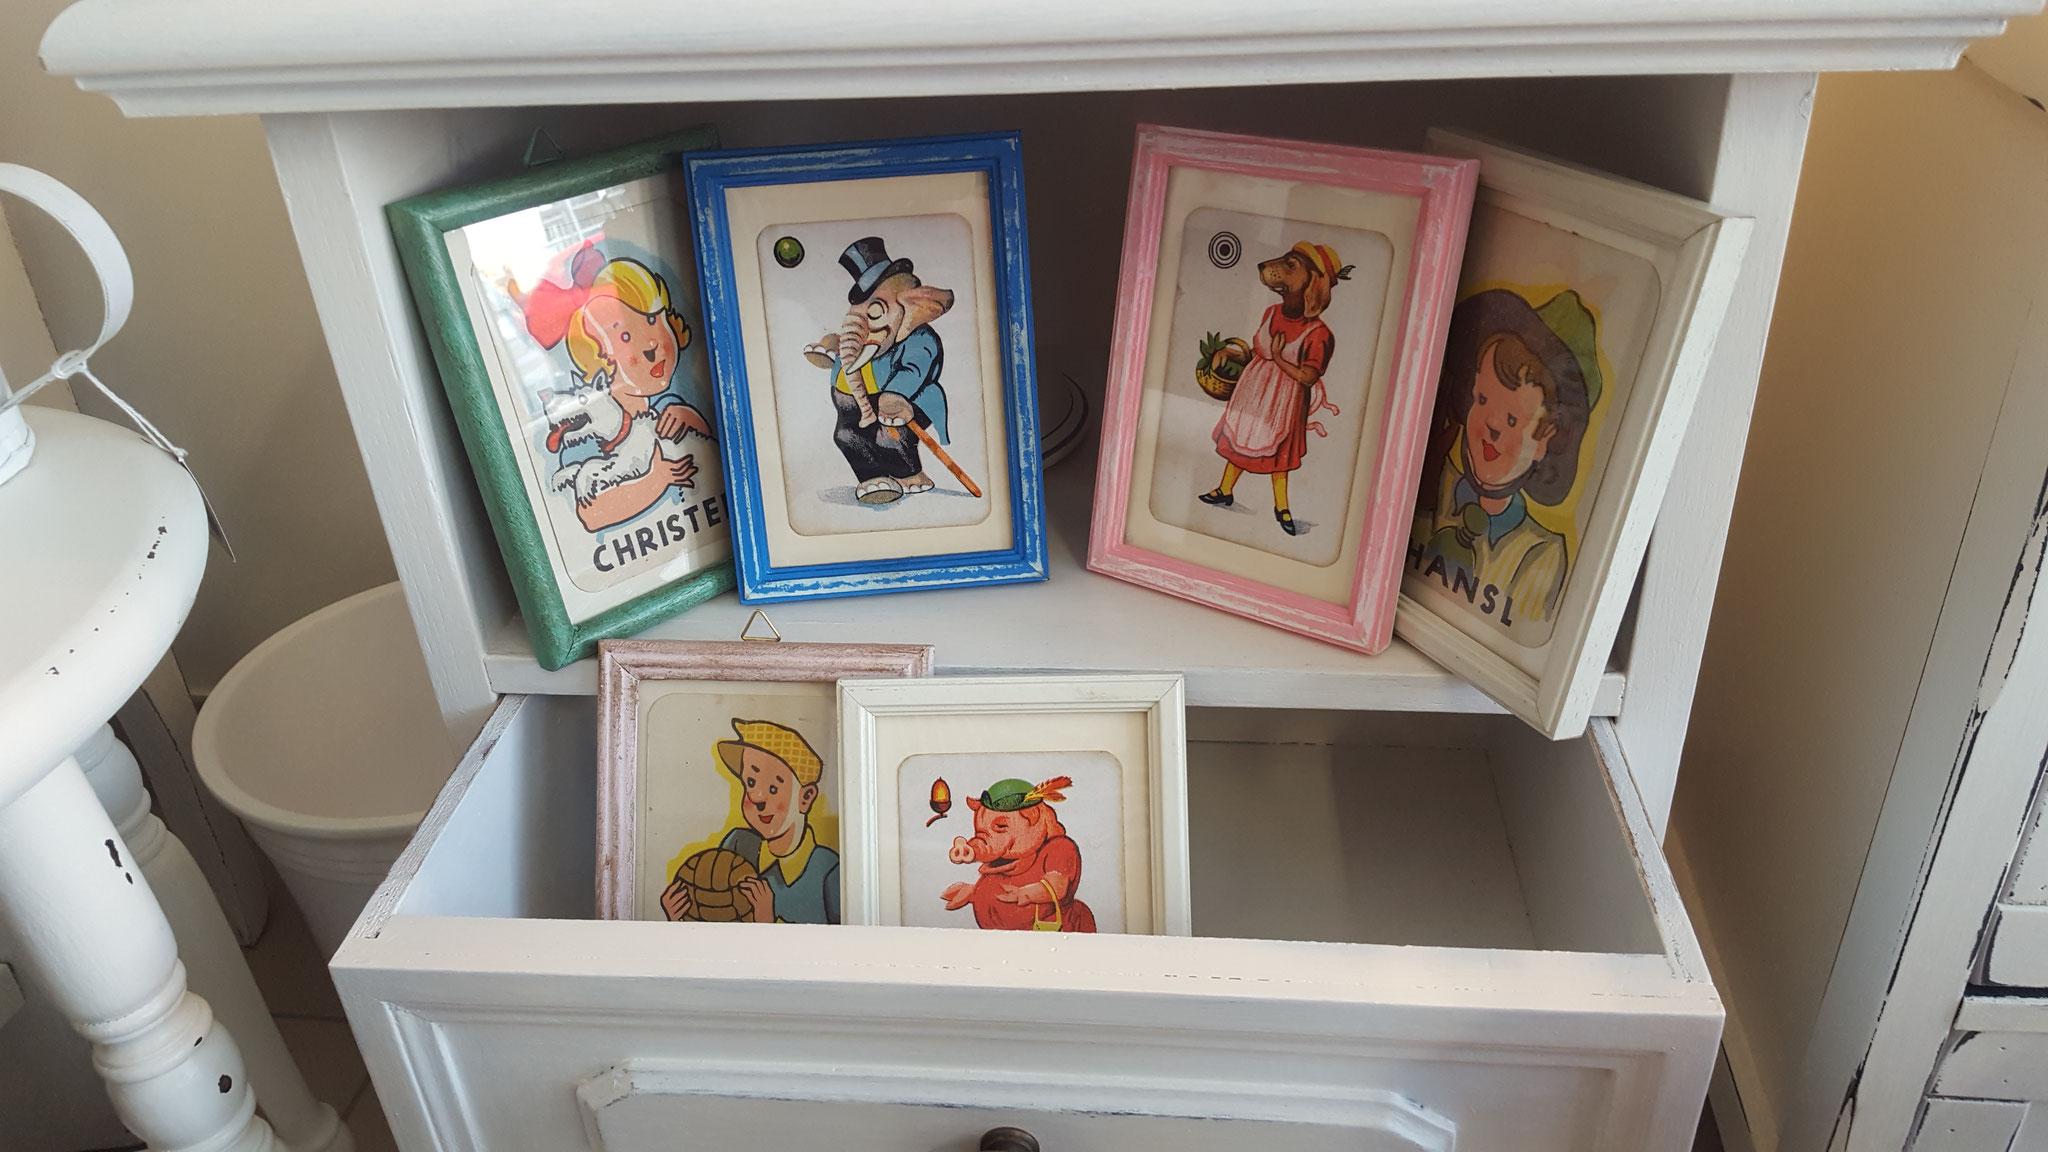 Bilder für das Kinderzimmer